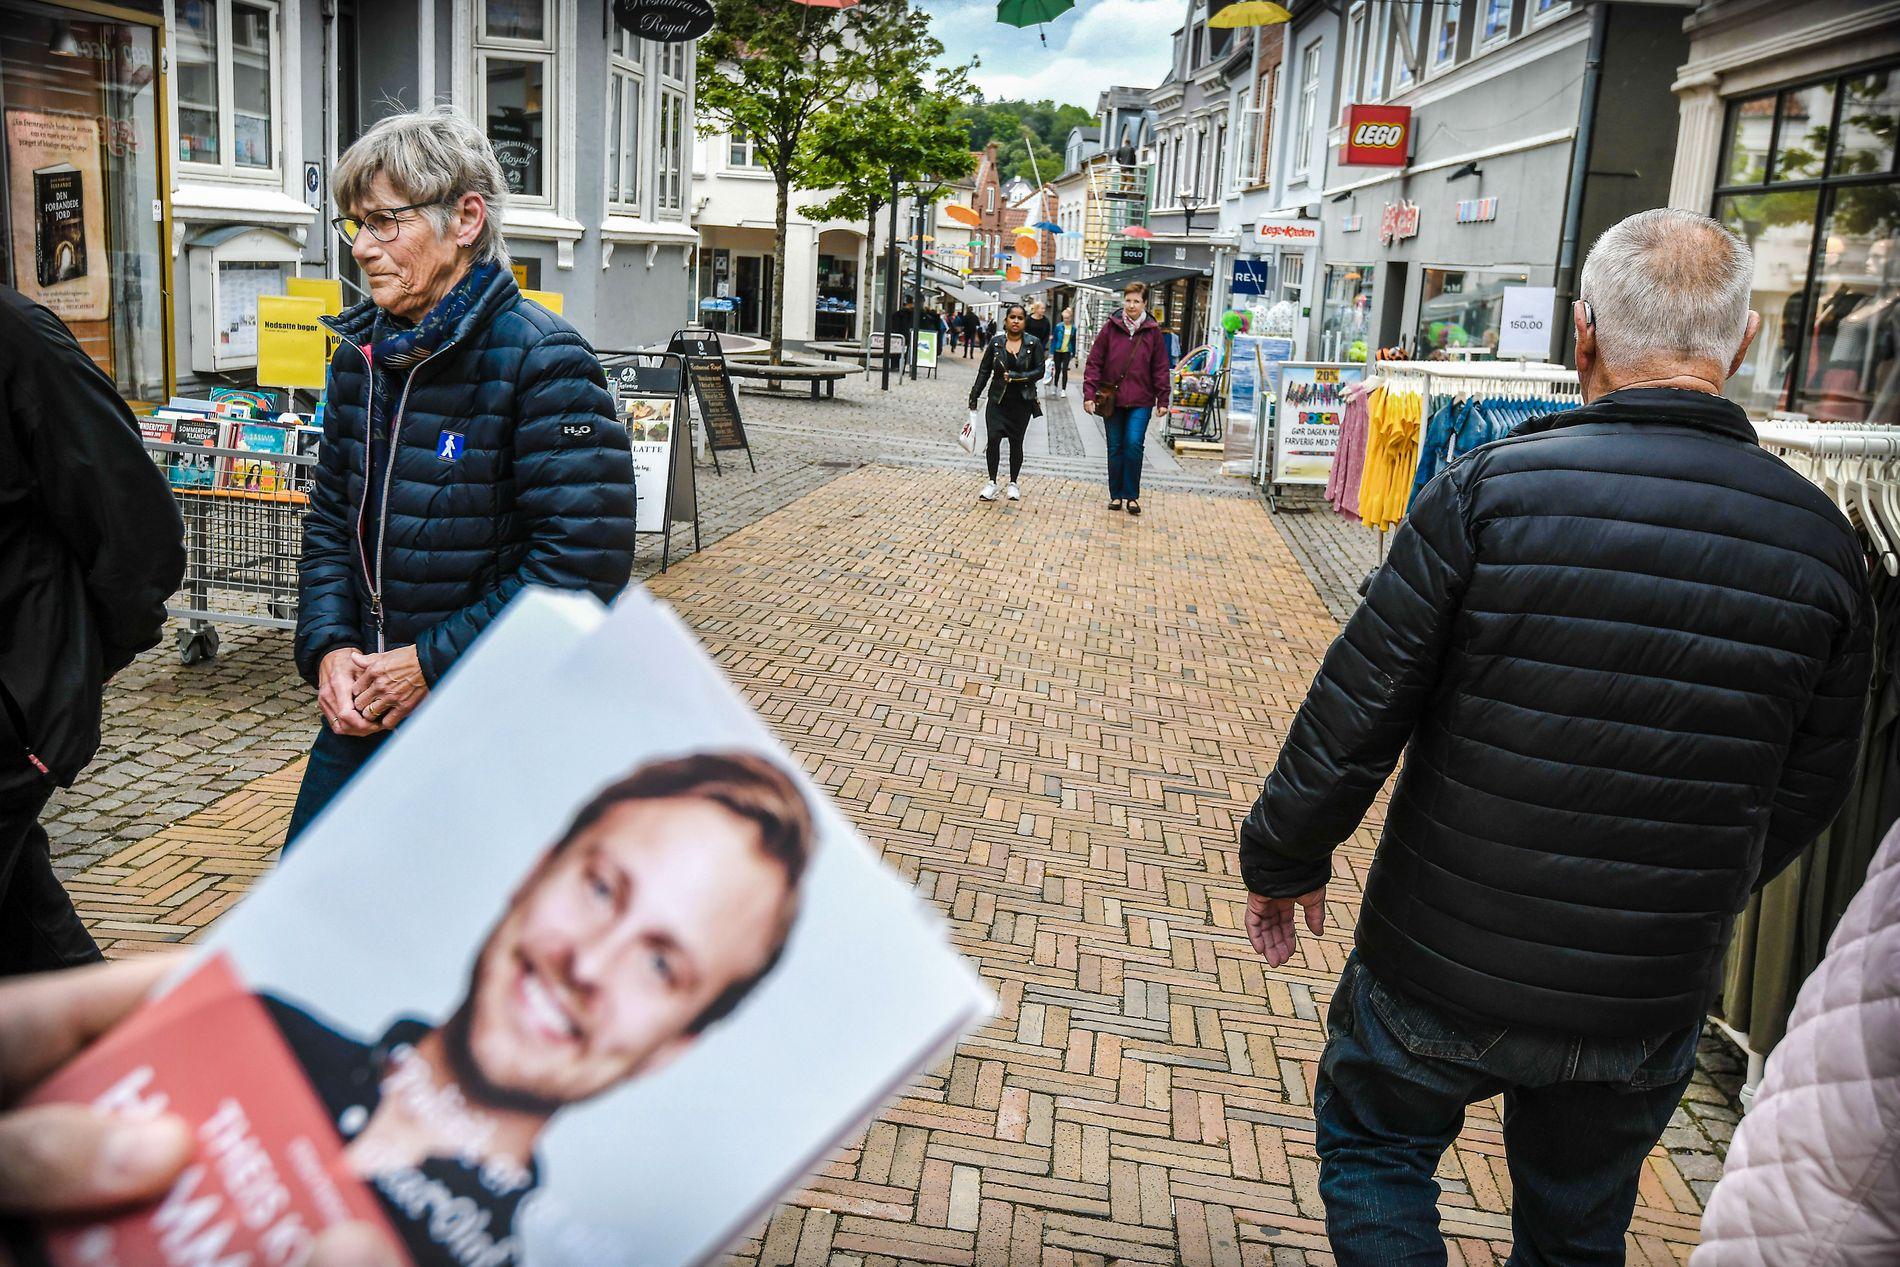 HISTORISK: Socialdemokratiet ligger an til å bli det største partiet i Sydjylland. Hvis det skjer, er det første gang i dette årtusenet.